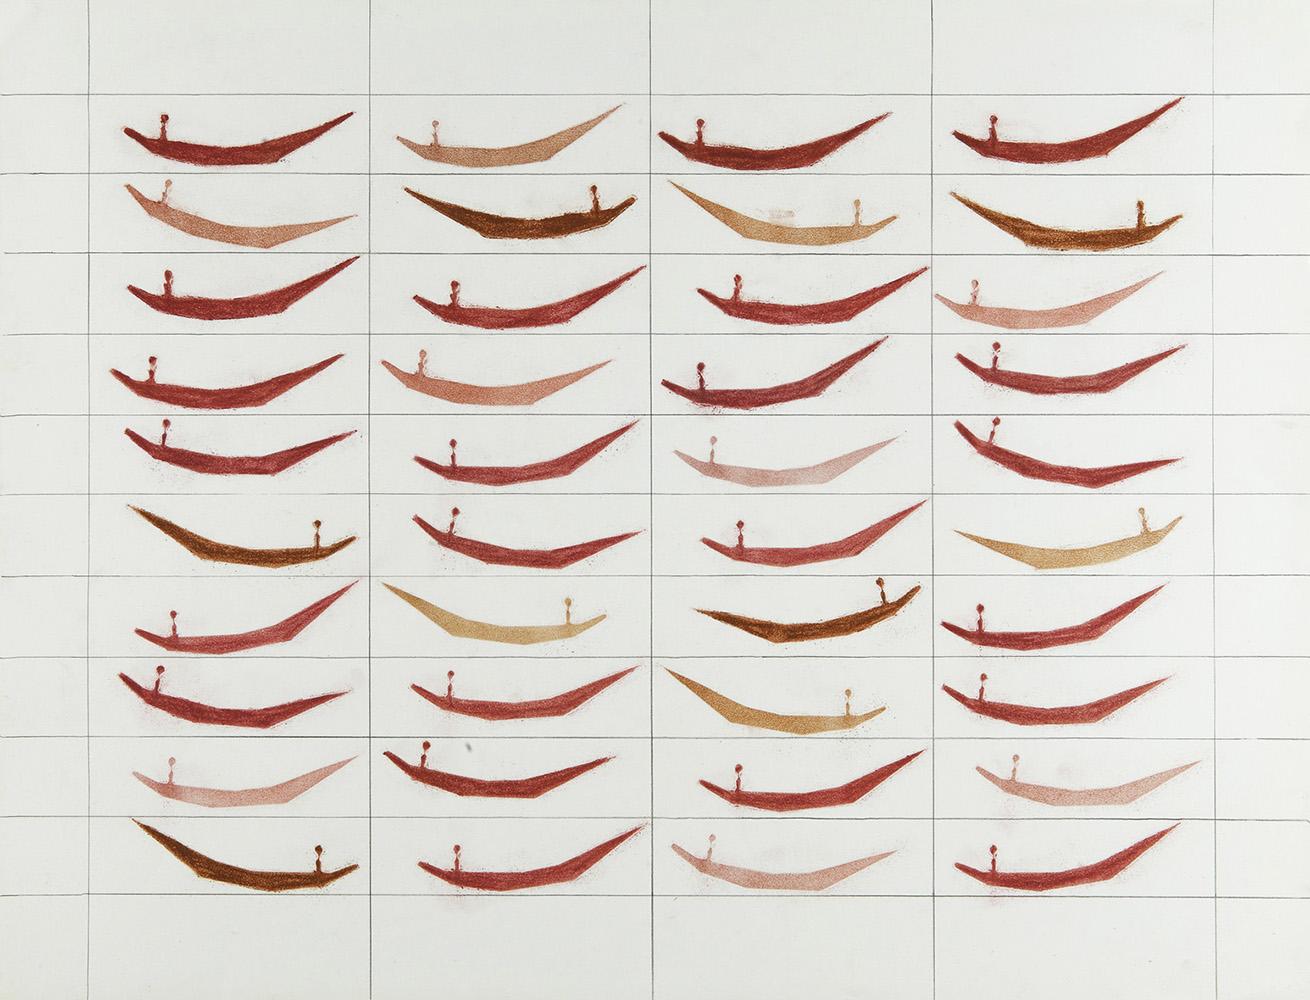 Geen titel 6 - potlood & pastelkrijt - 50x70 cm - €450